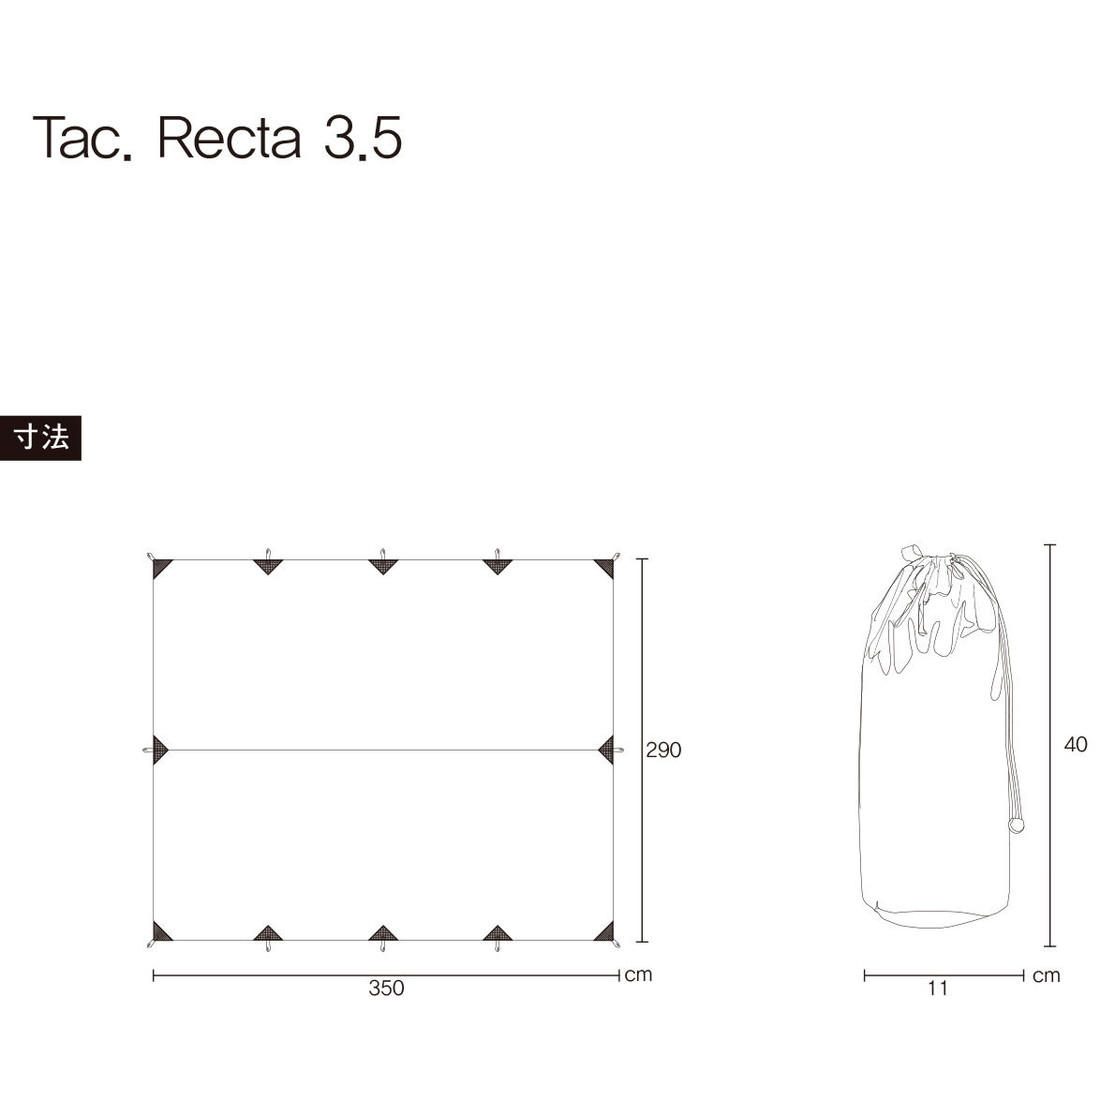 ヘリノックス タクティカル レクタ 3.5 タープ タープ  国内正規品